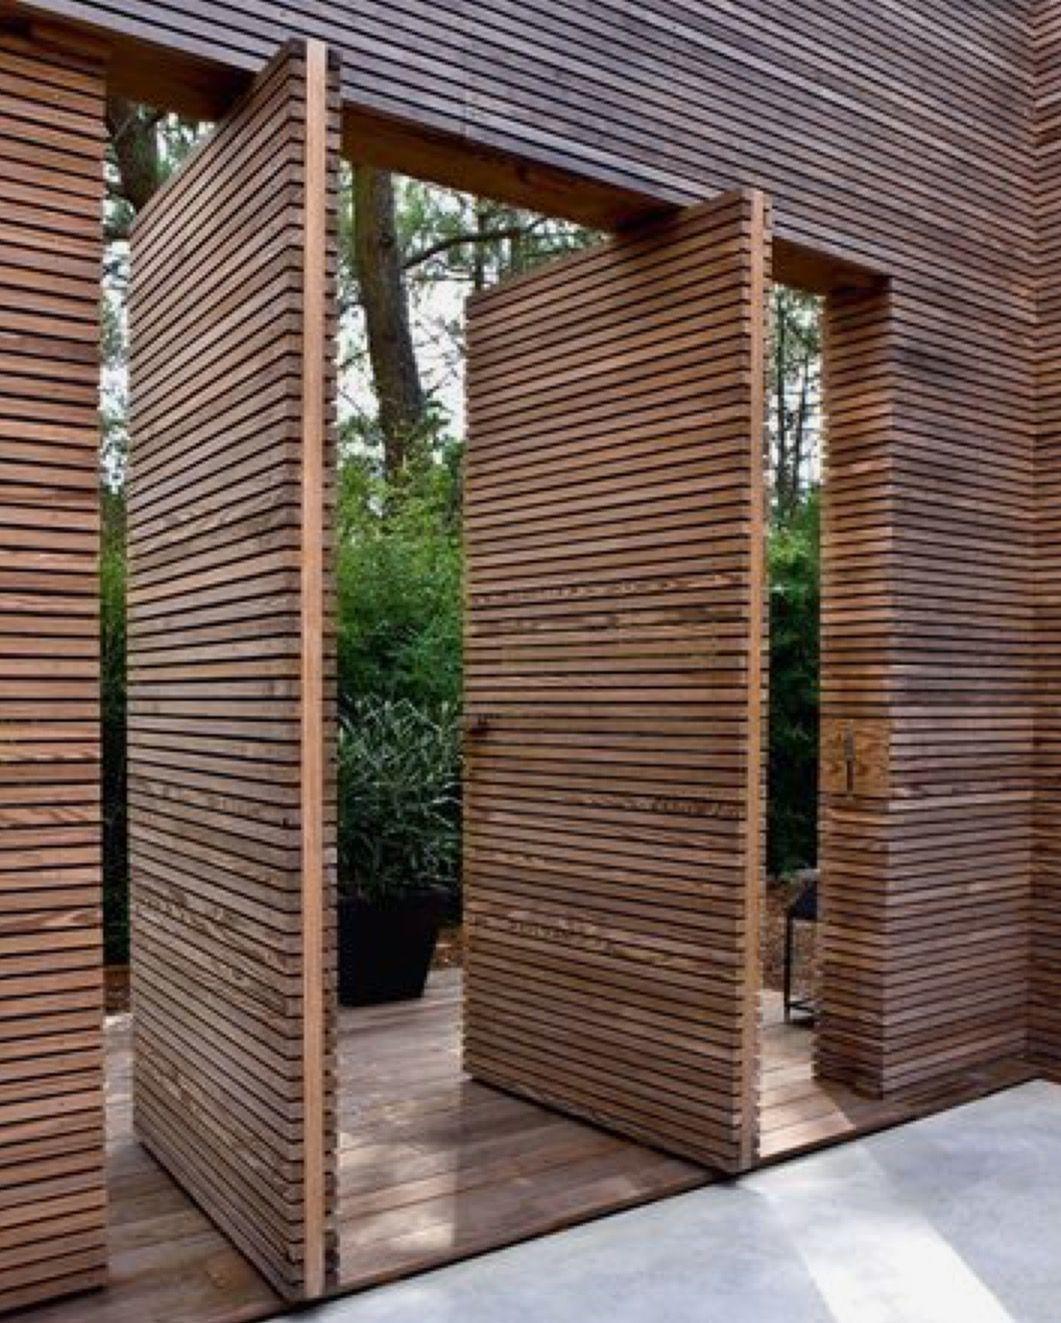 Pin By Patricia Rotella On Home Portugal Architecture Architecture Design Exterior Design